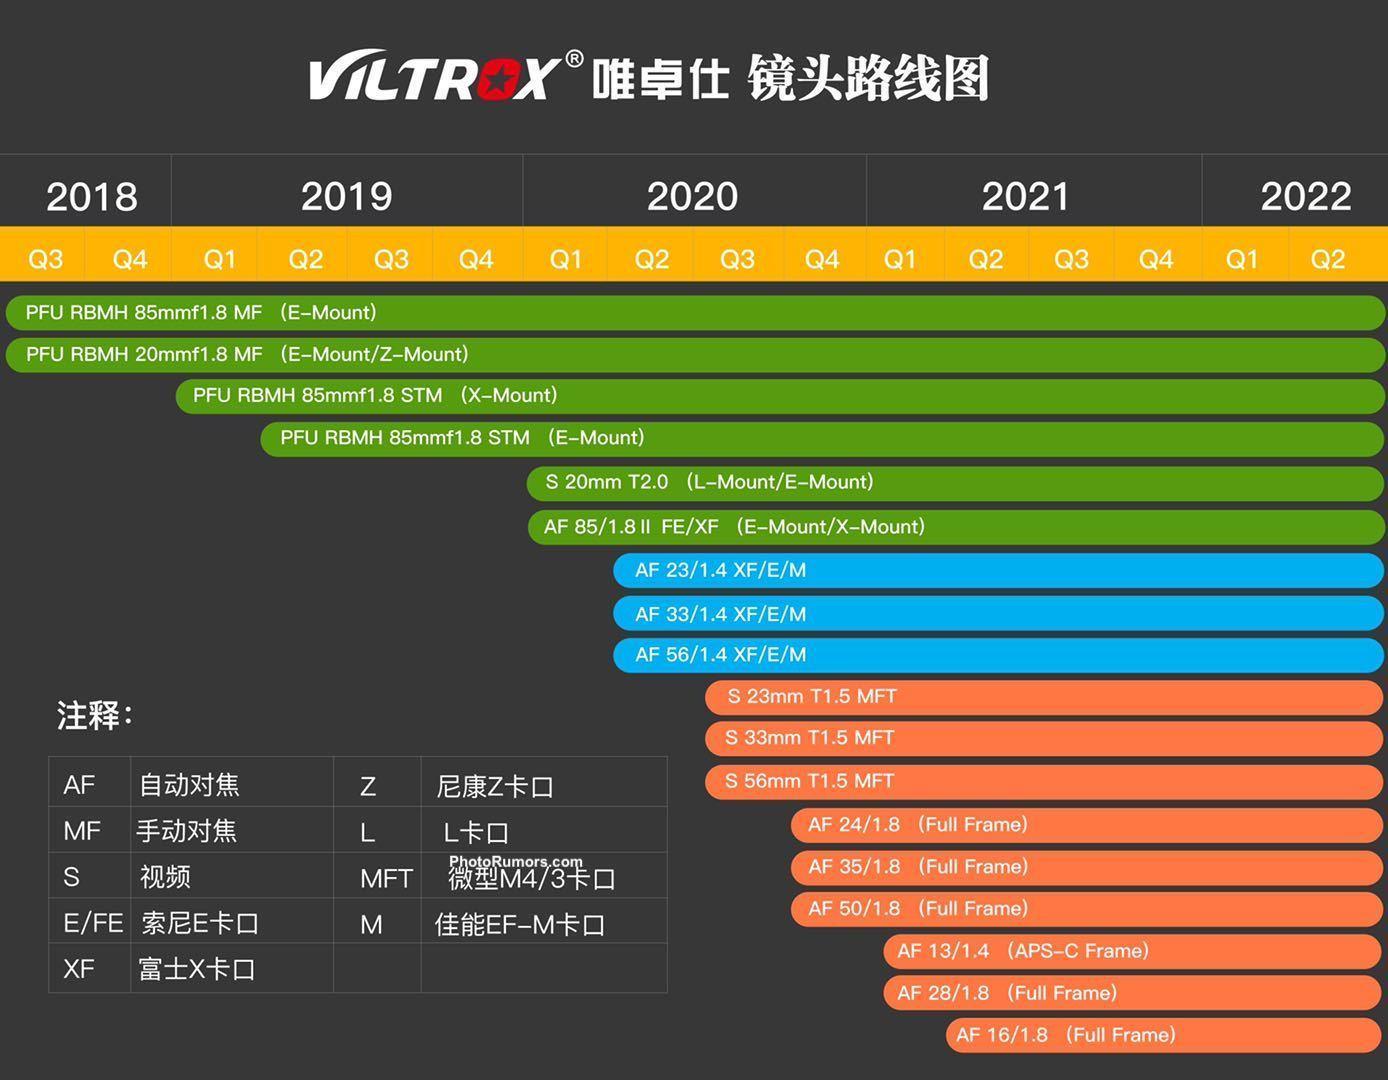 Планы Viltrox по выпуску объективов на 2018-2022 годы